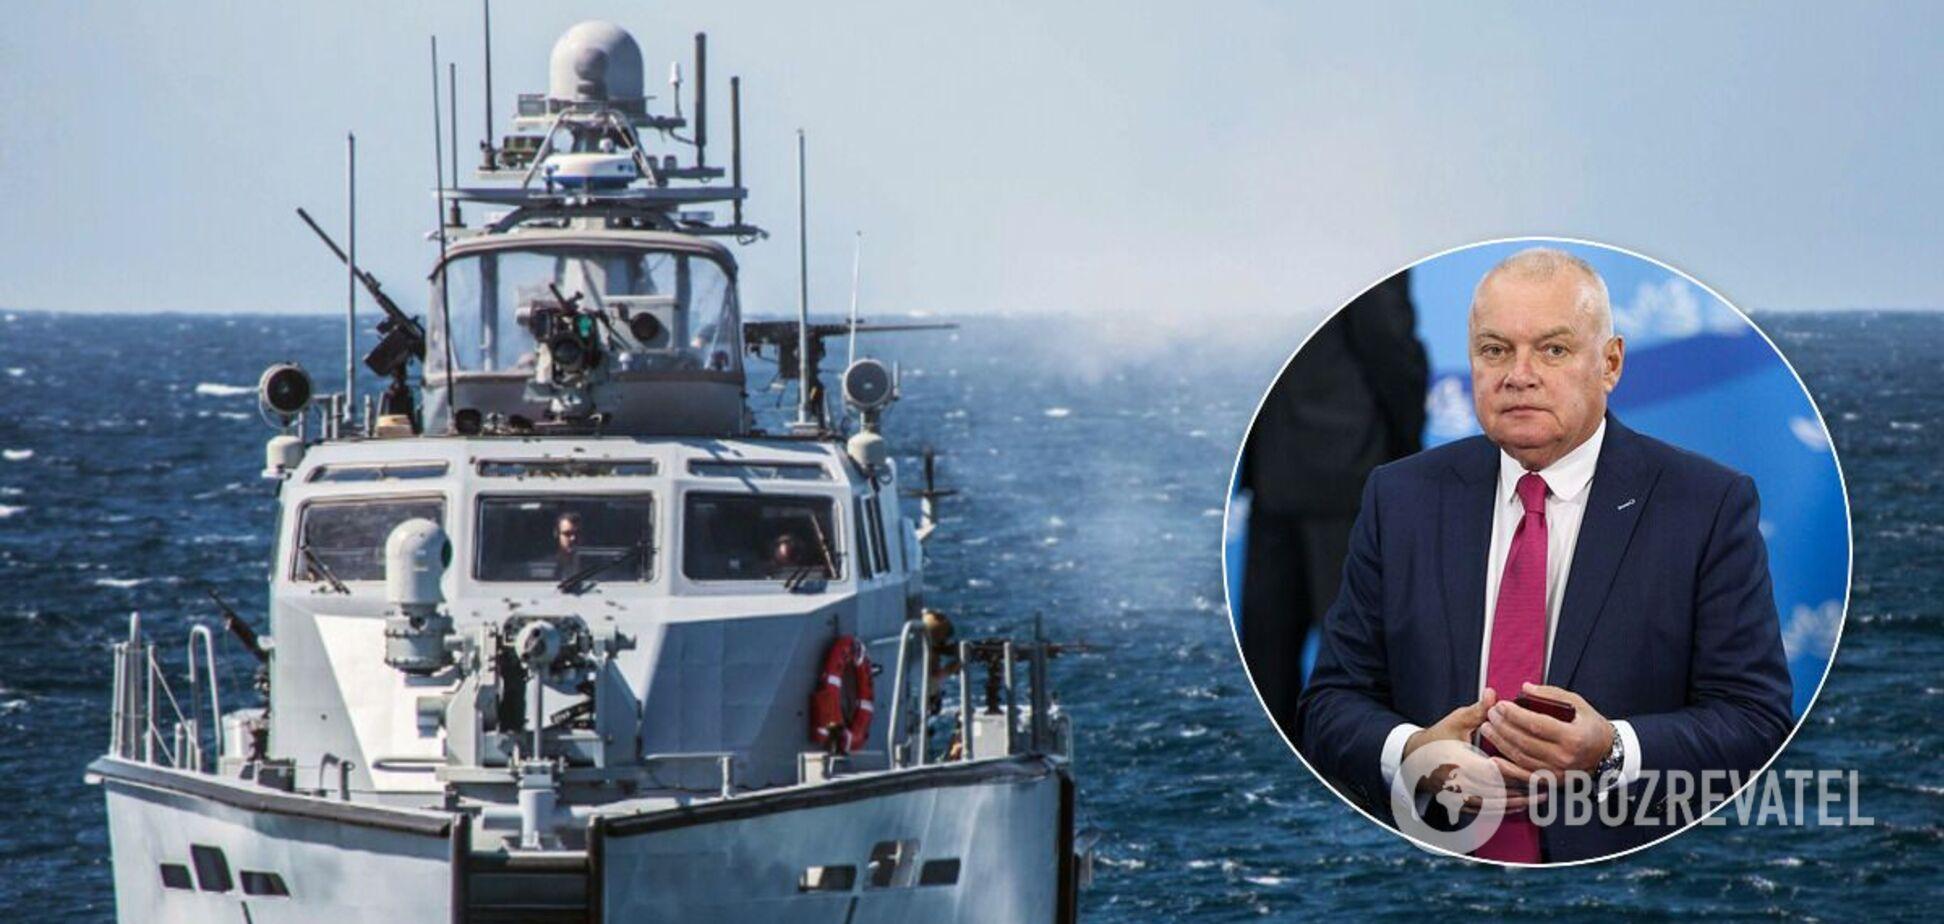 Киселев заявил о строительстве военно-морской базы в Северодонецке, который не имеет выхода к морю